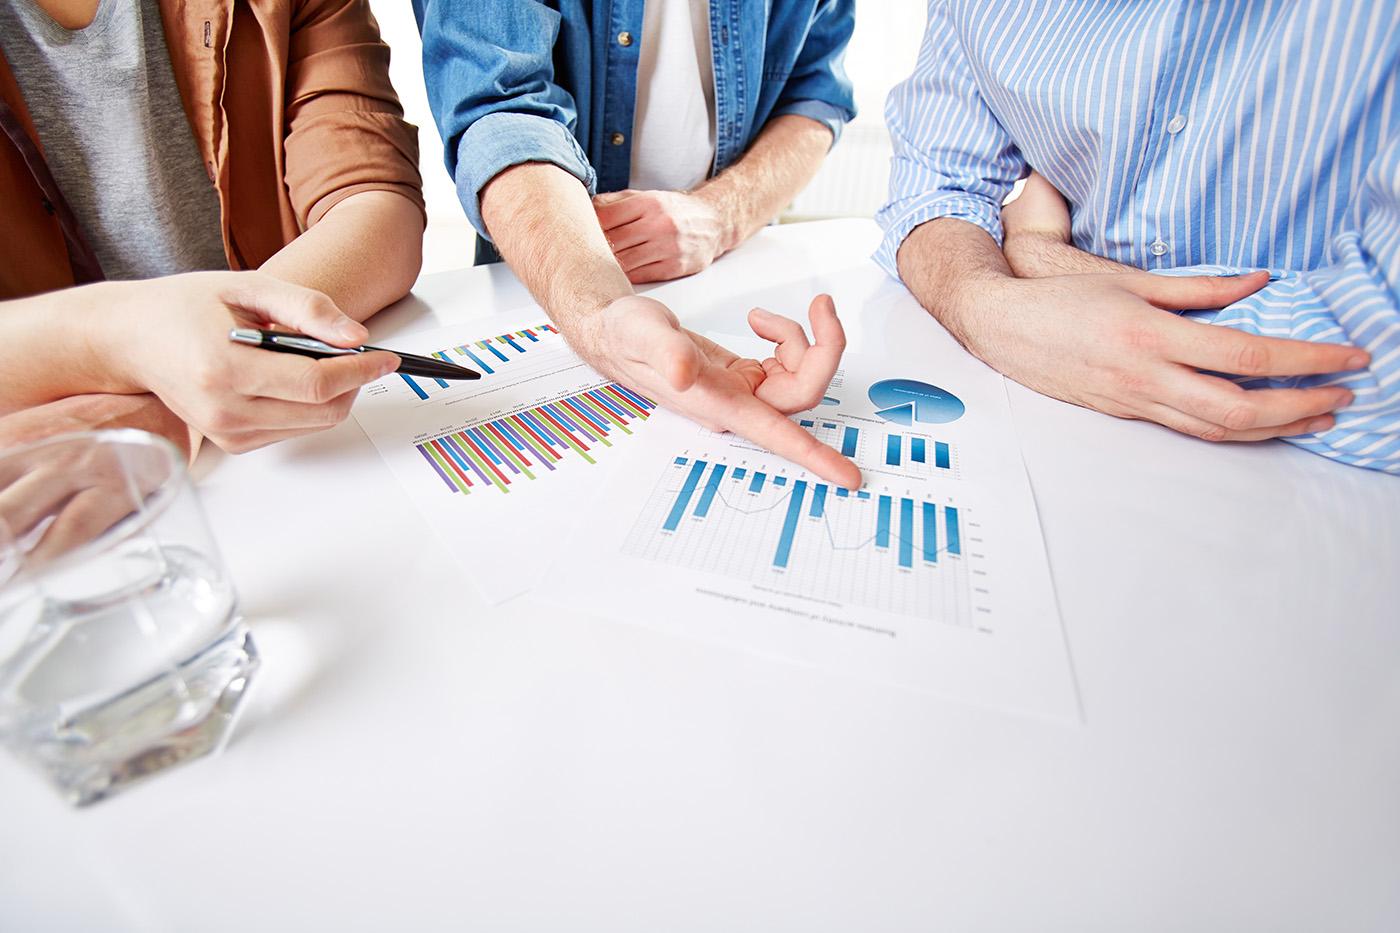 استخدام کار آموز حسابداری